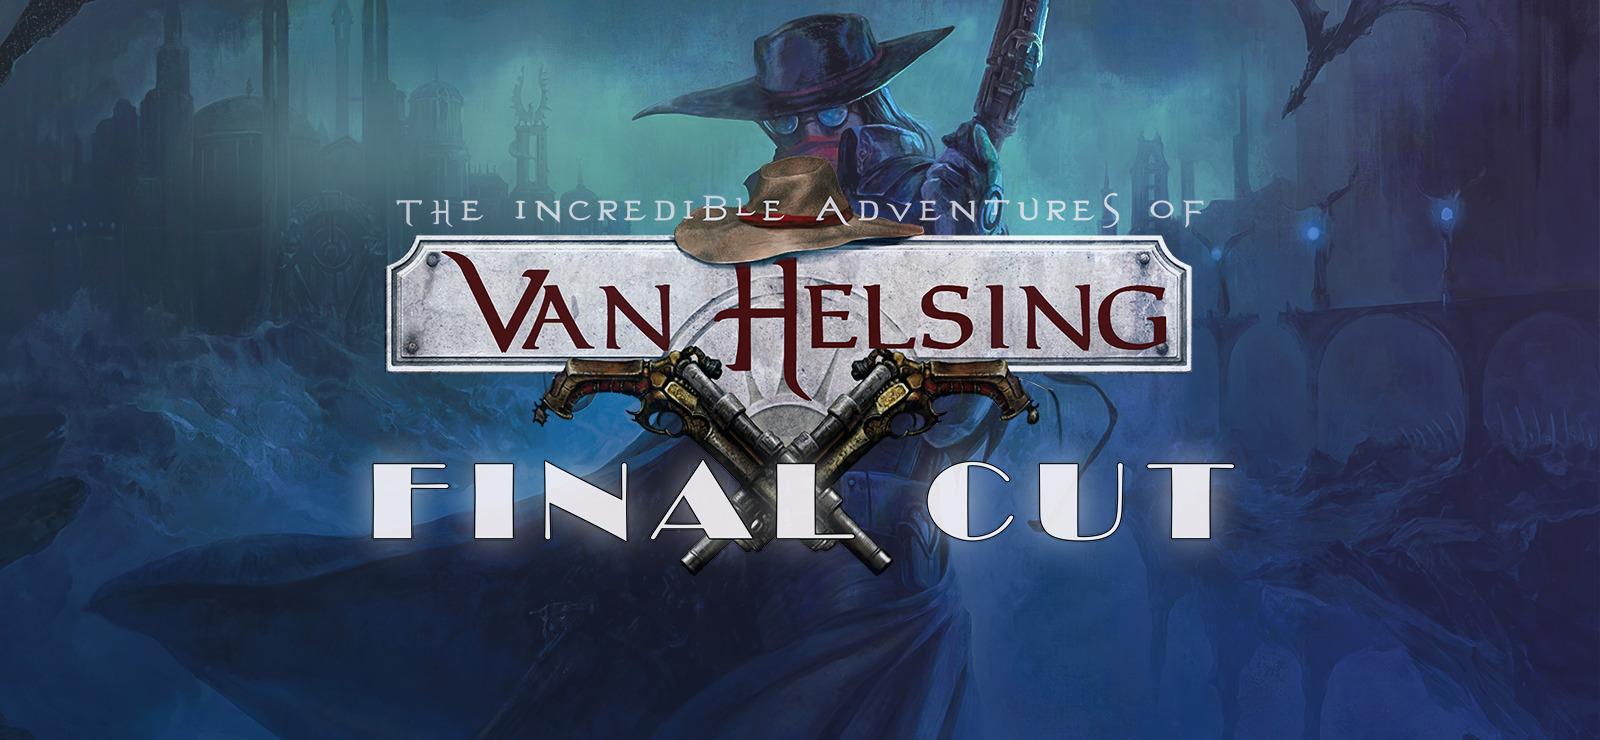 Adventures Of Van Helsing Final Cut the incredible adventures of van helsing: final cut